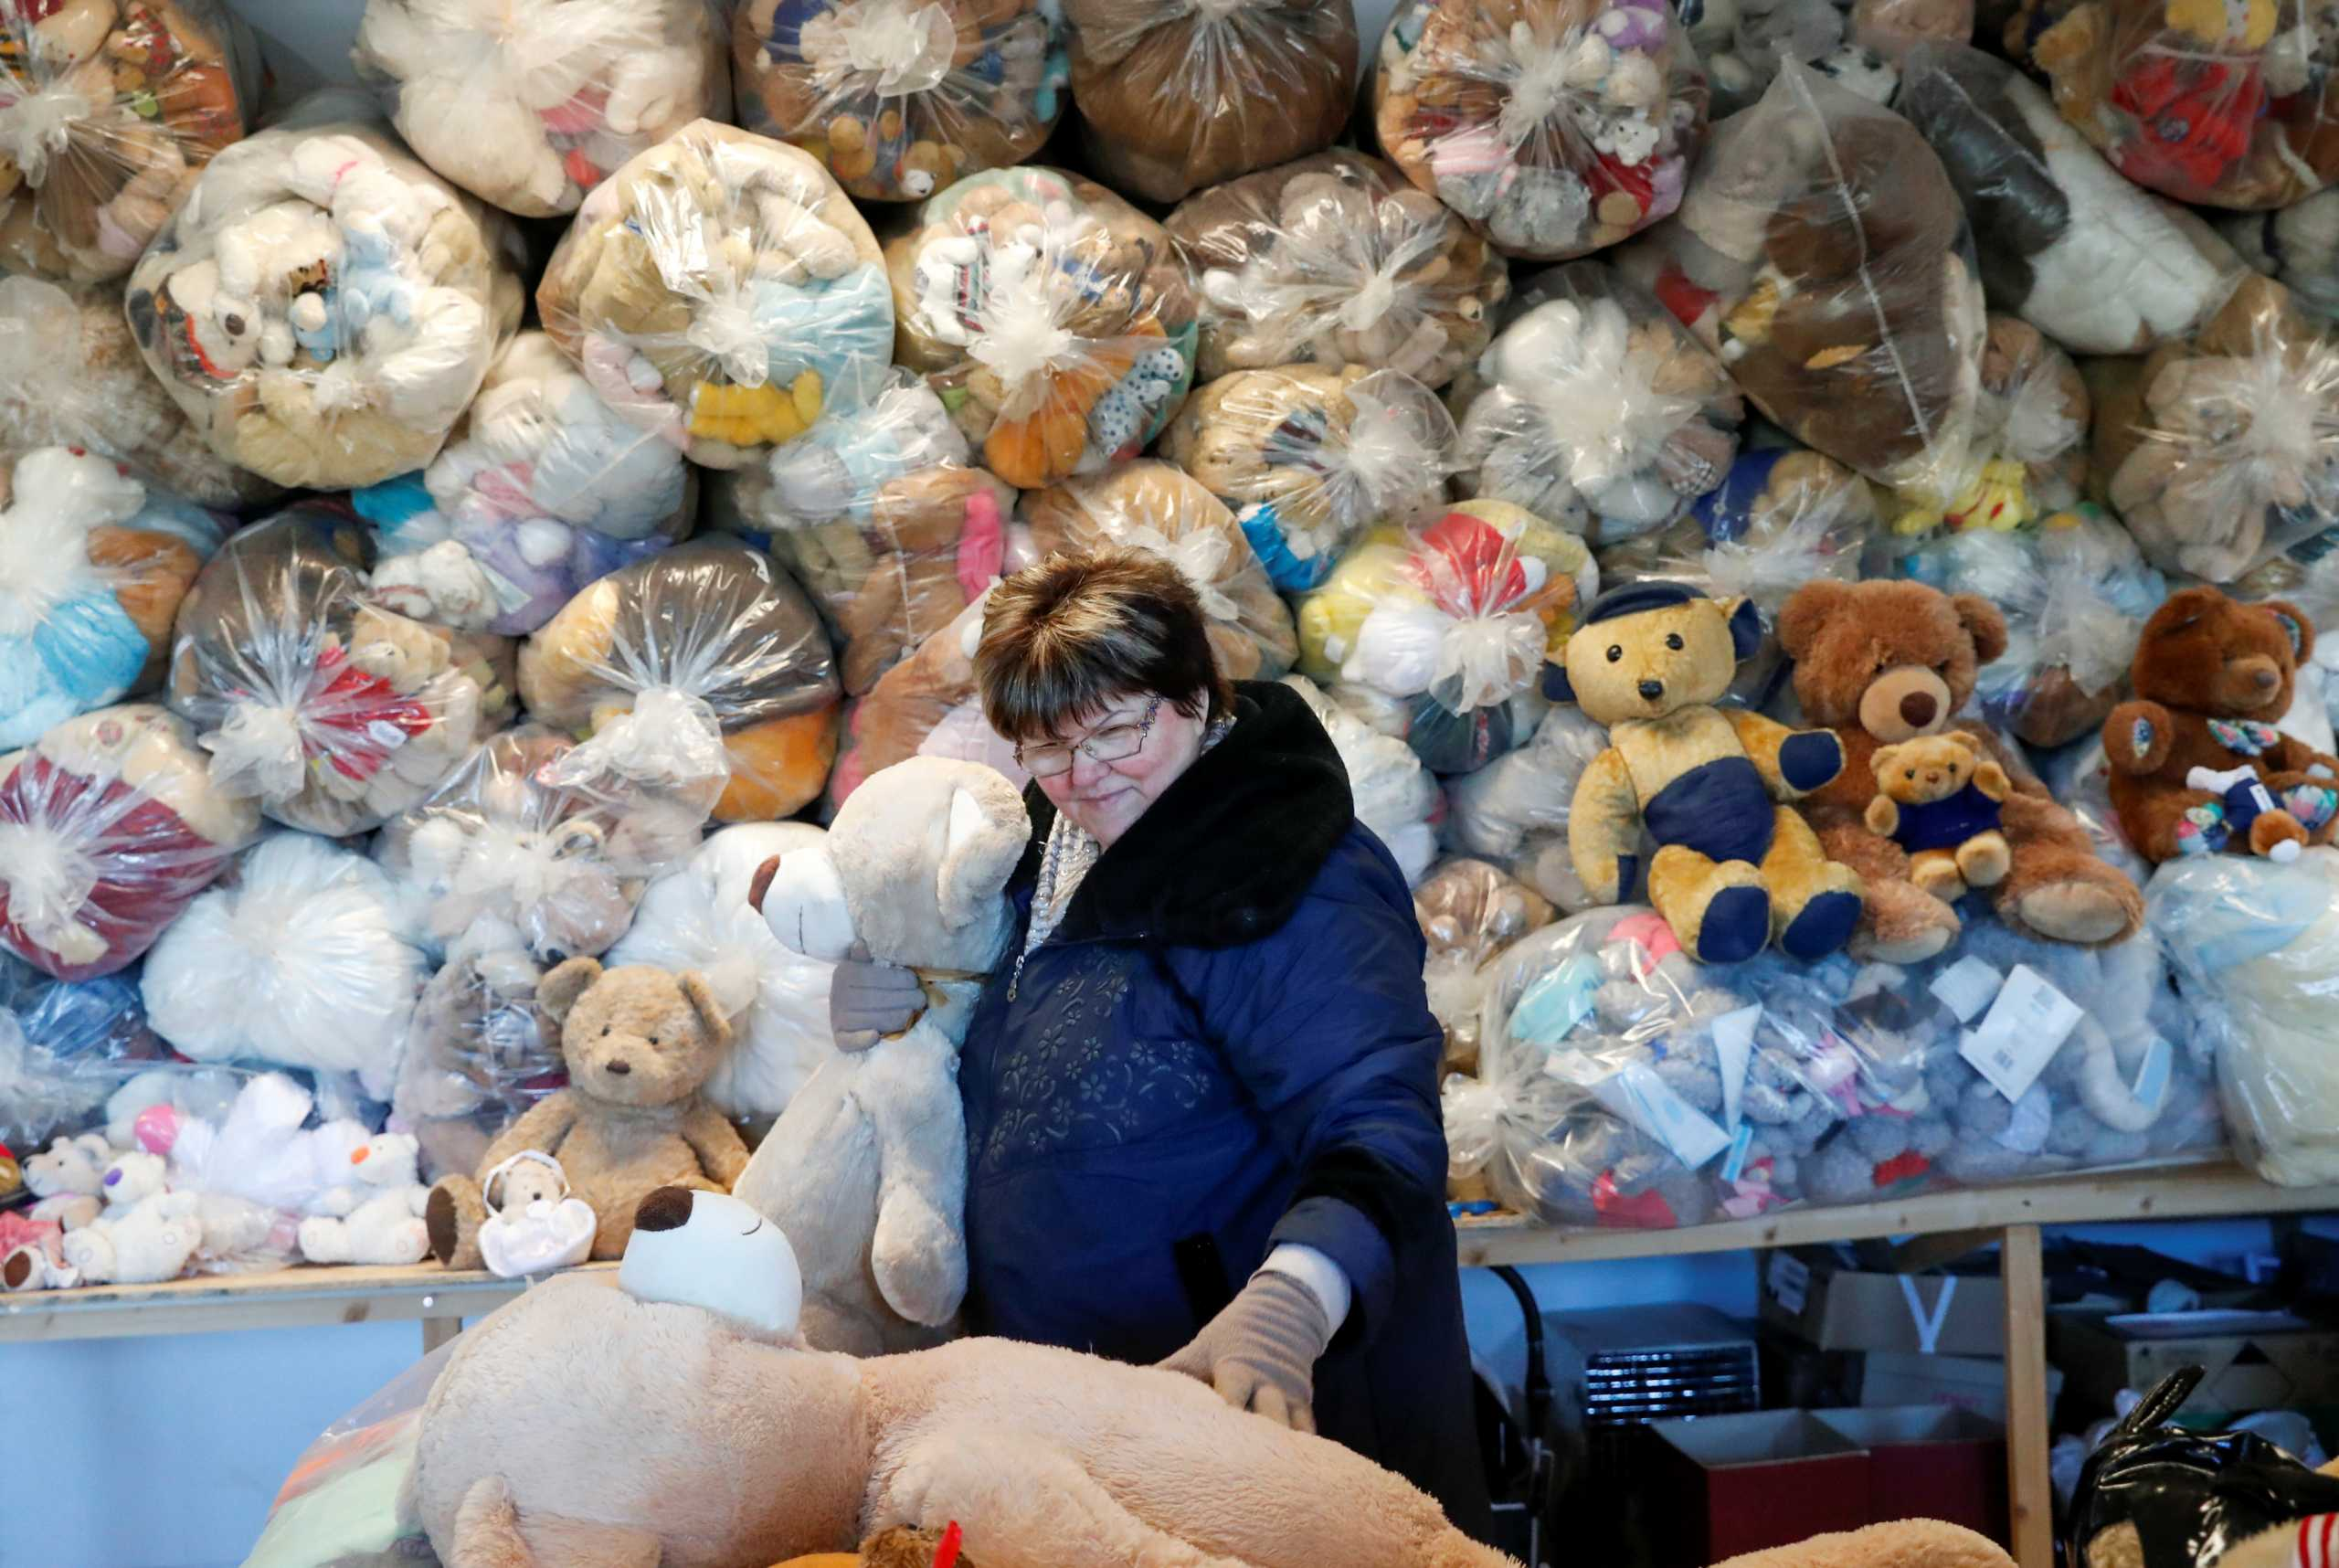 Ουγγαρία: 20.000 λούτρινα αρκουδάκια «περιμένουν» να τελειώσει το lockdown (pics)